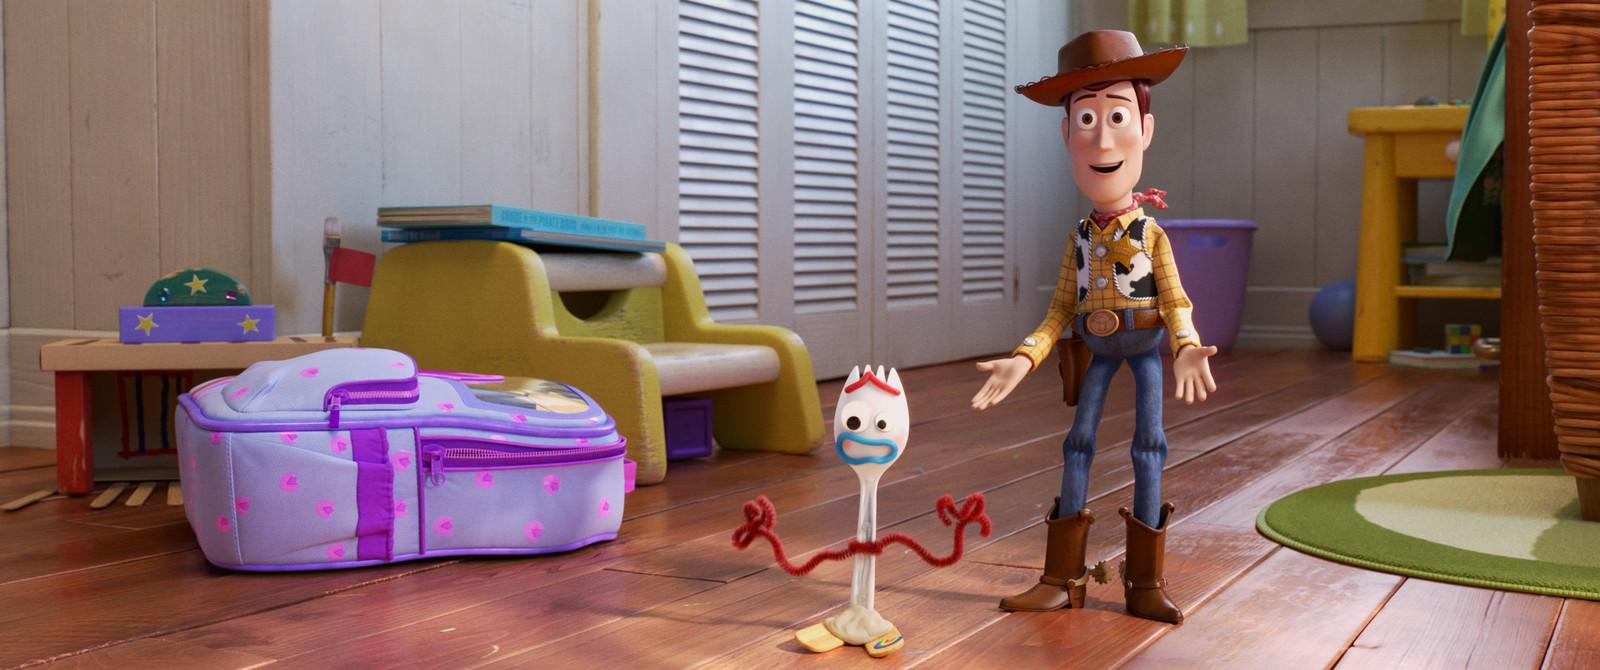 Bonnie maakt in de kleuterschool een nieuwe vriend, Forky.